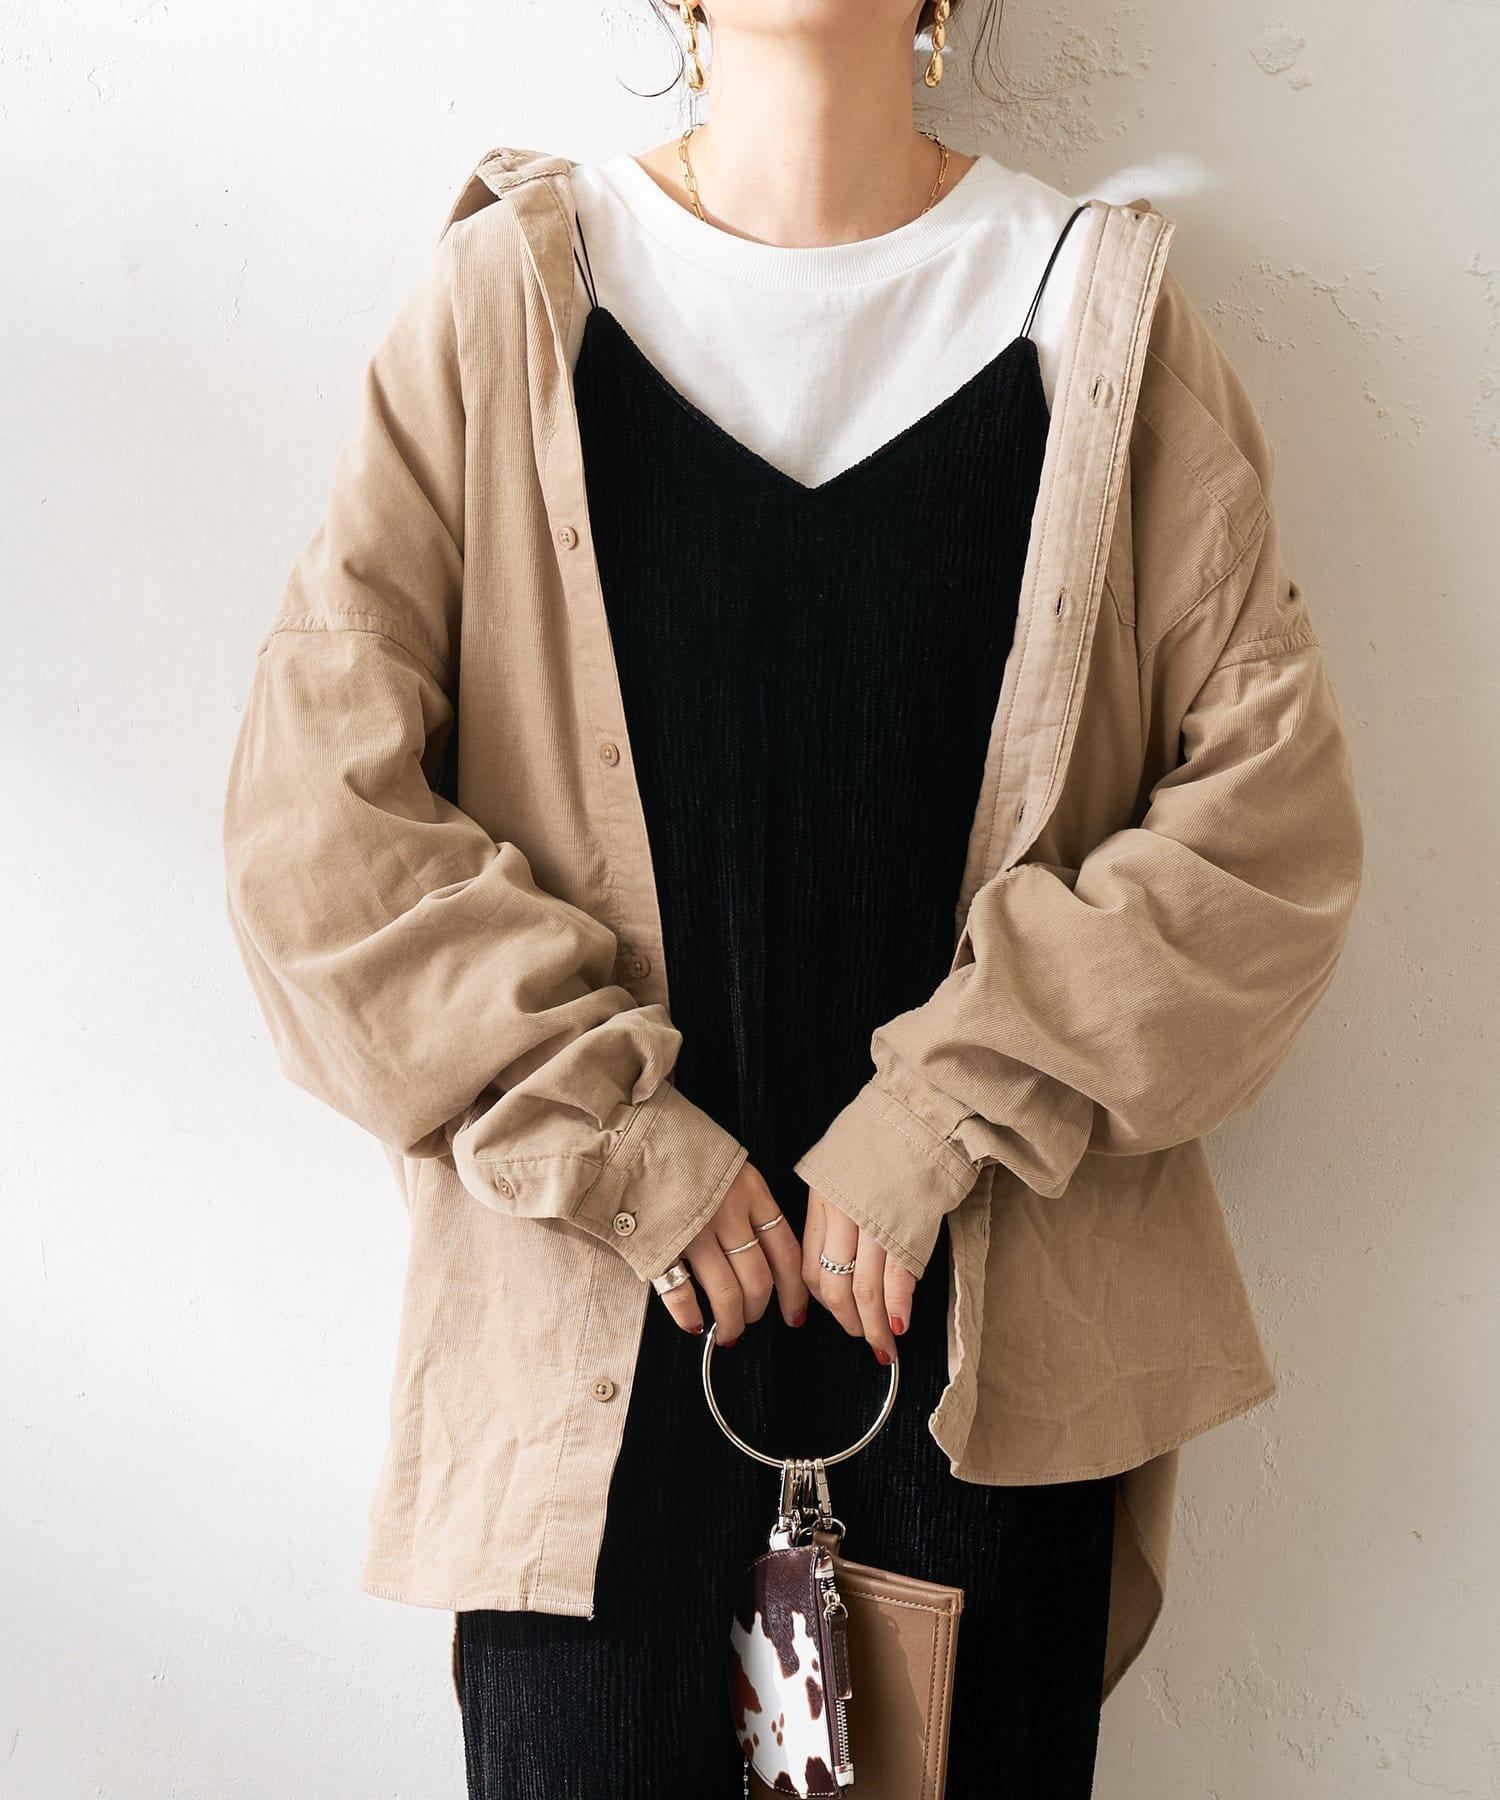 Discoat(ディスコート) メンズ 28Wコールビックシャツ グレージュ